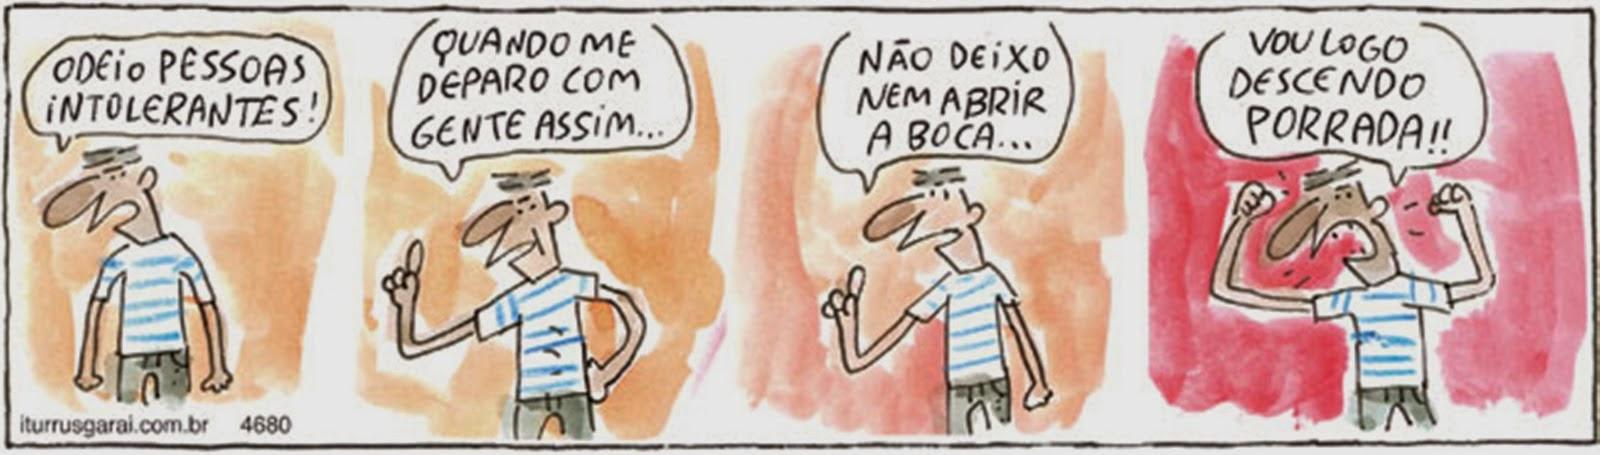 Paulinho Neco, o BLOG: TIRINHAS: Tolerância existe e (deve) não só no  dicionário...